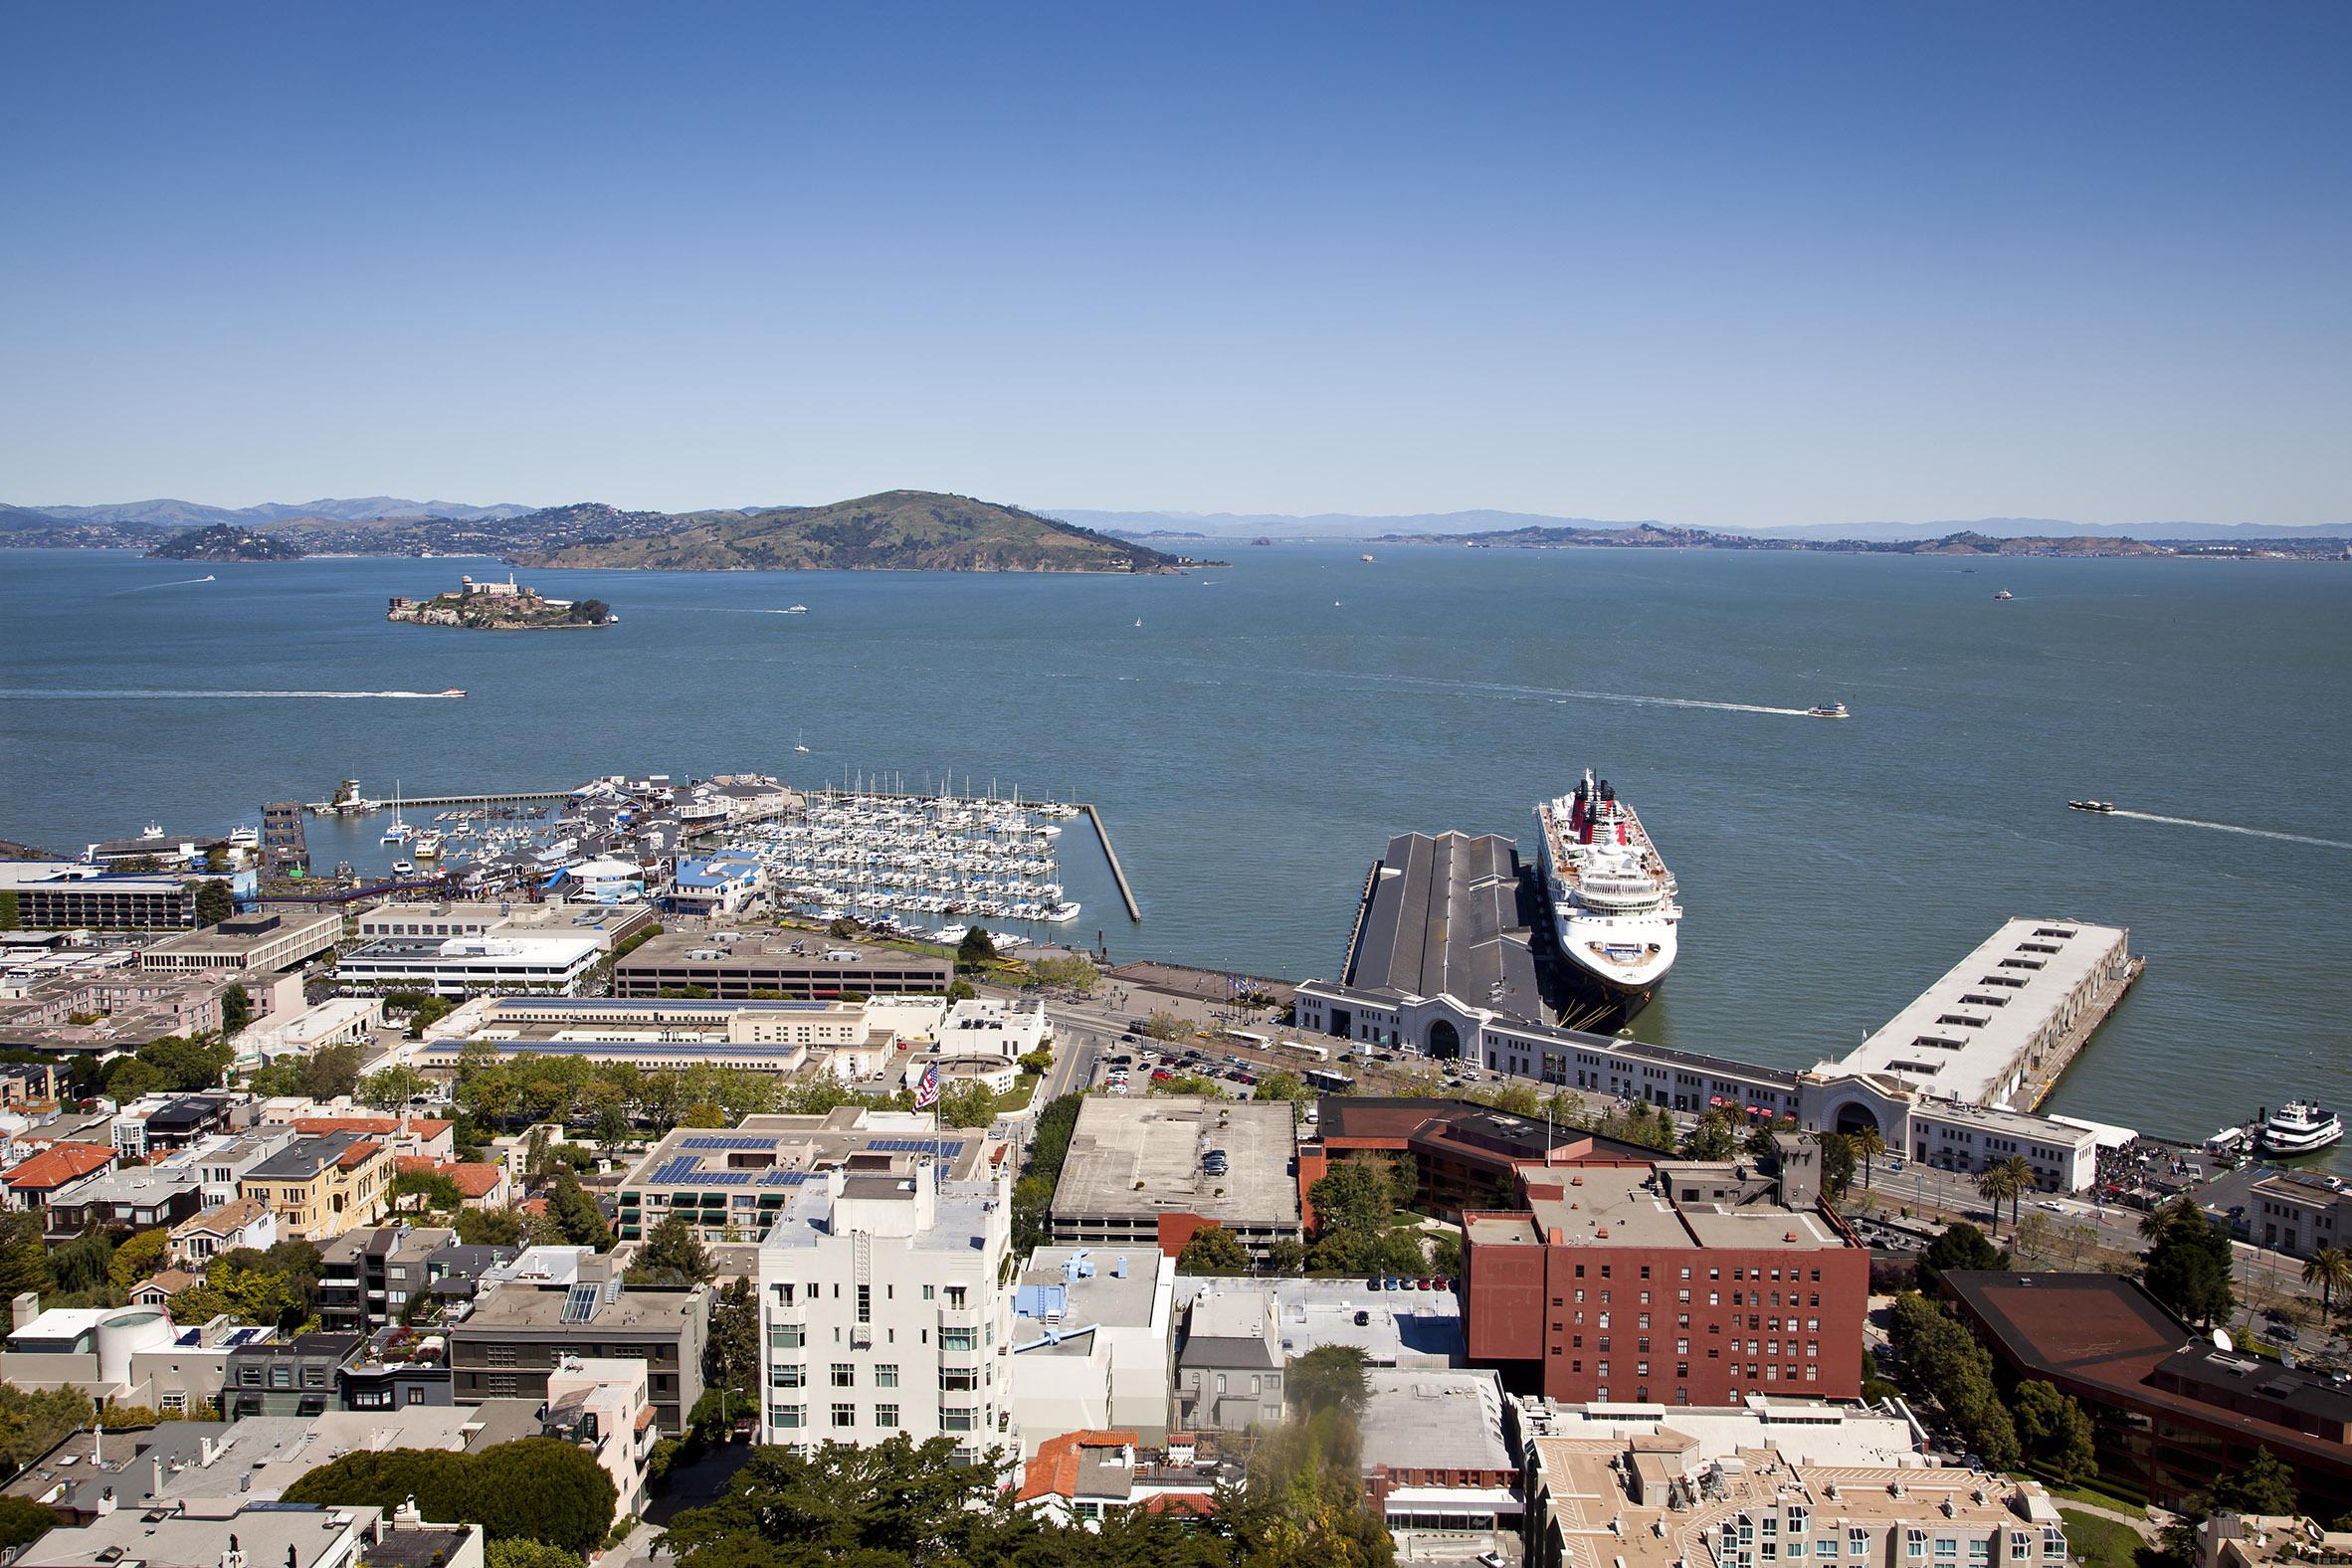 San Francisco Bay and Embarcadero